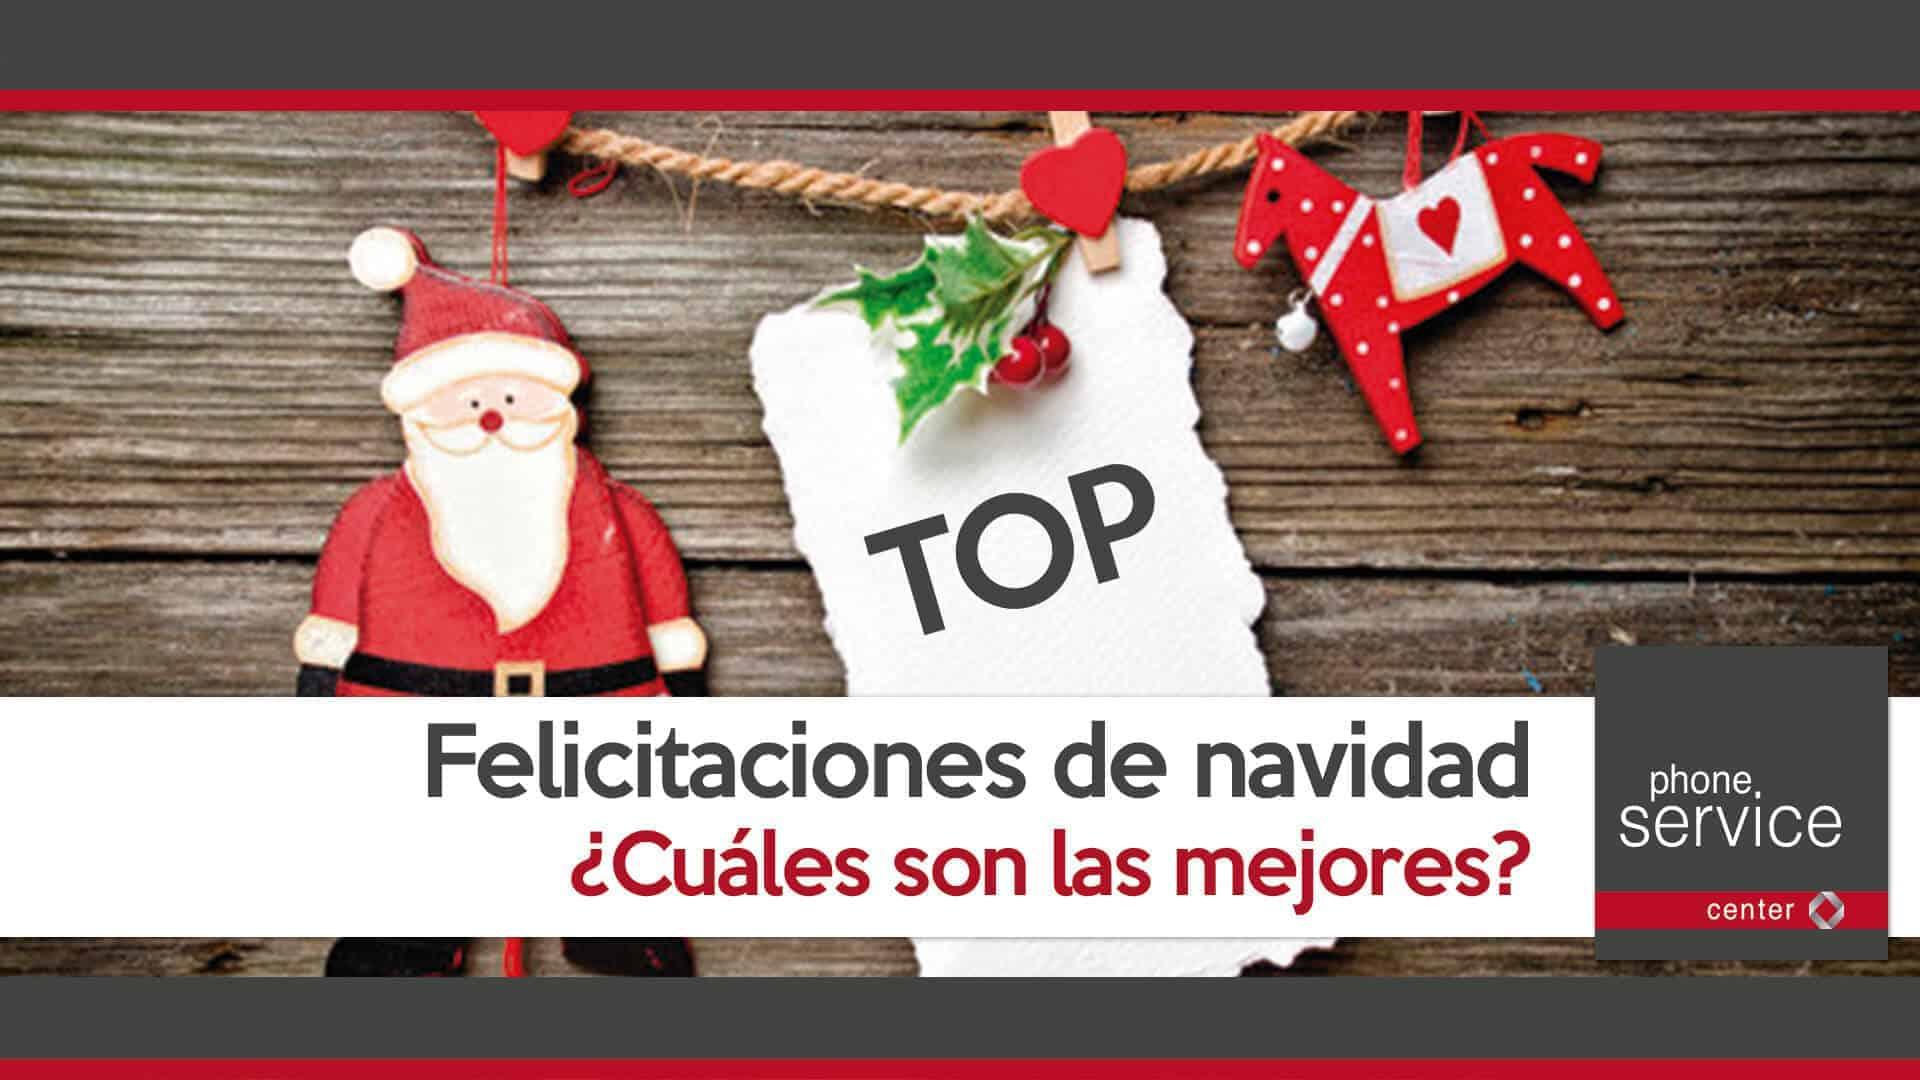 Felicitaciones De Navidad Las Mejores.Las Mejores Felicitaciones Para Esta Navidad